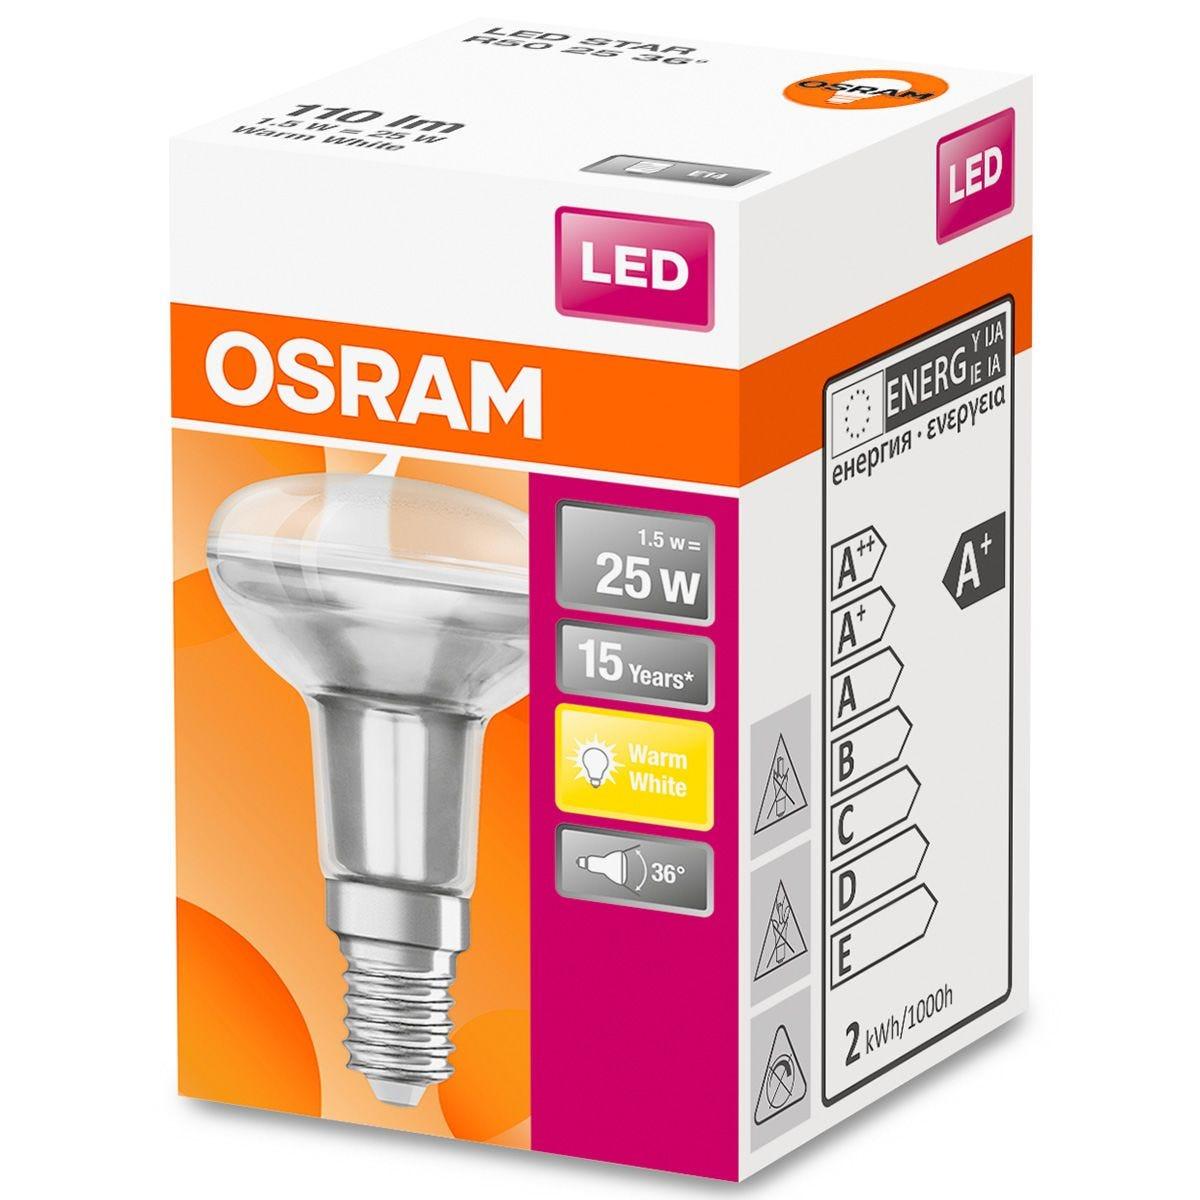 Osram Reflector R50 25W SES Bulb - Warm White